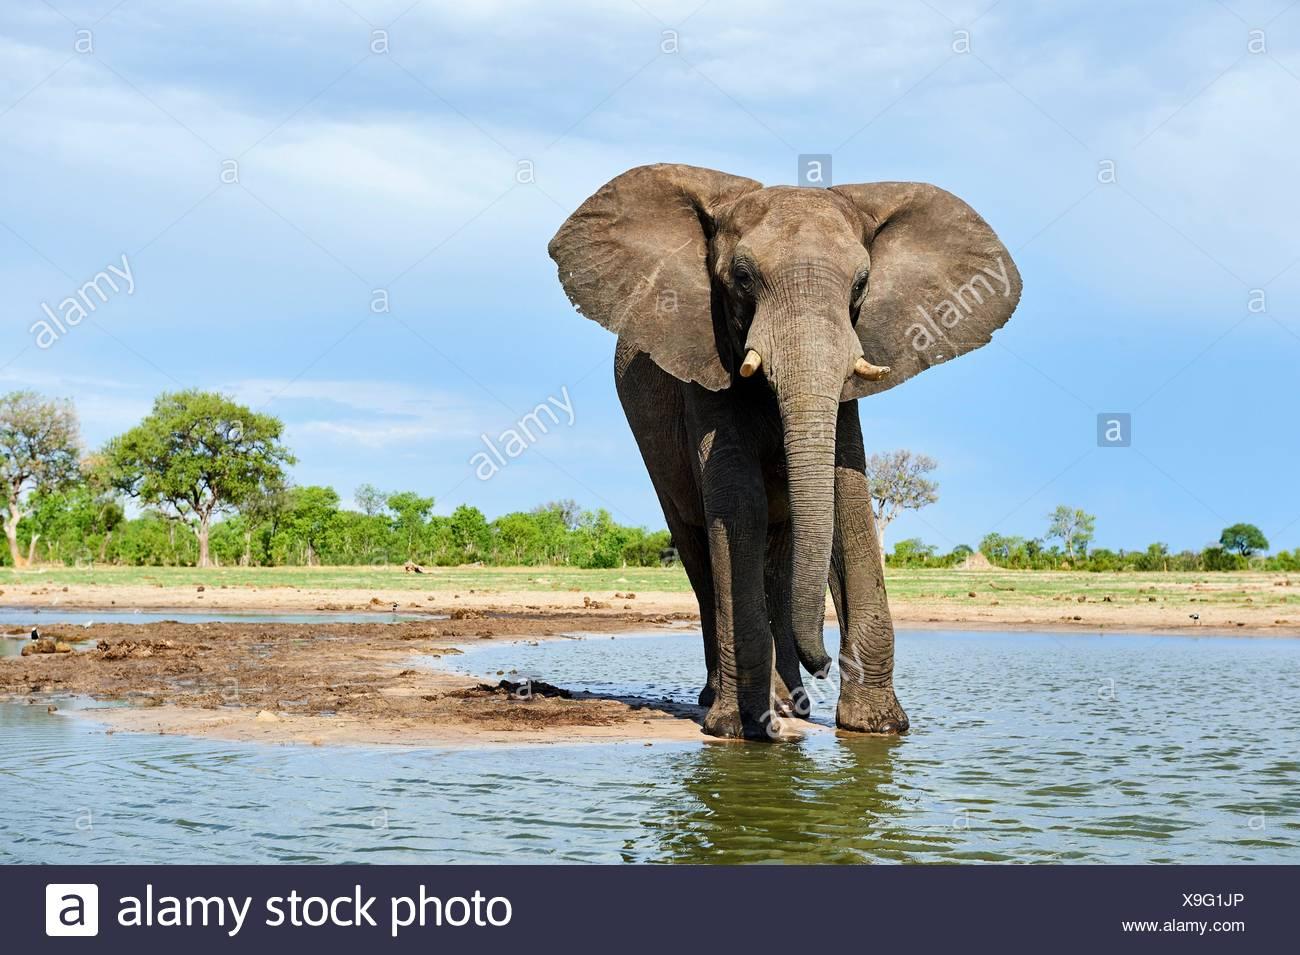 L'éléphant africain (Loxodonta africana) de l'alcool à un watehole. Le parc national de Hwange, Zimbabwe. Photo Stock